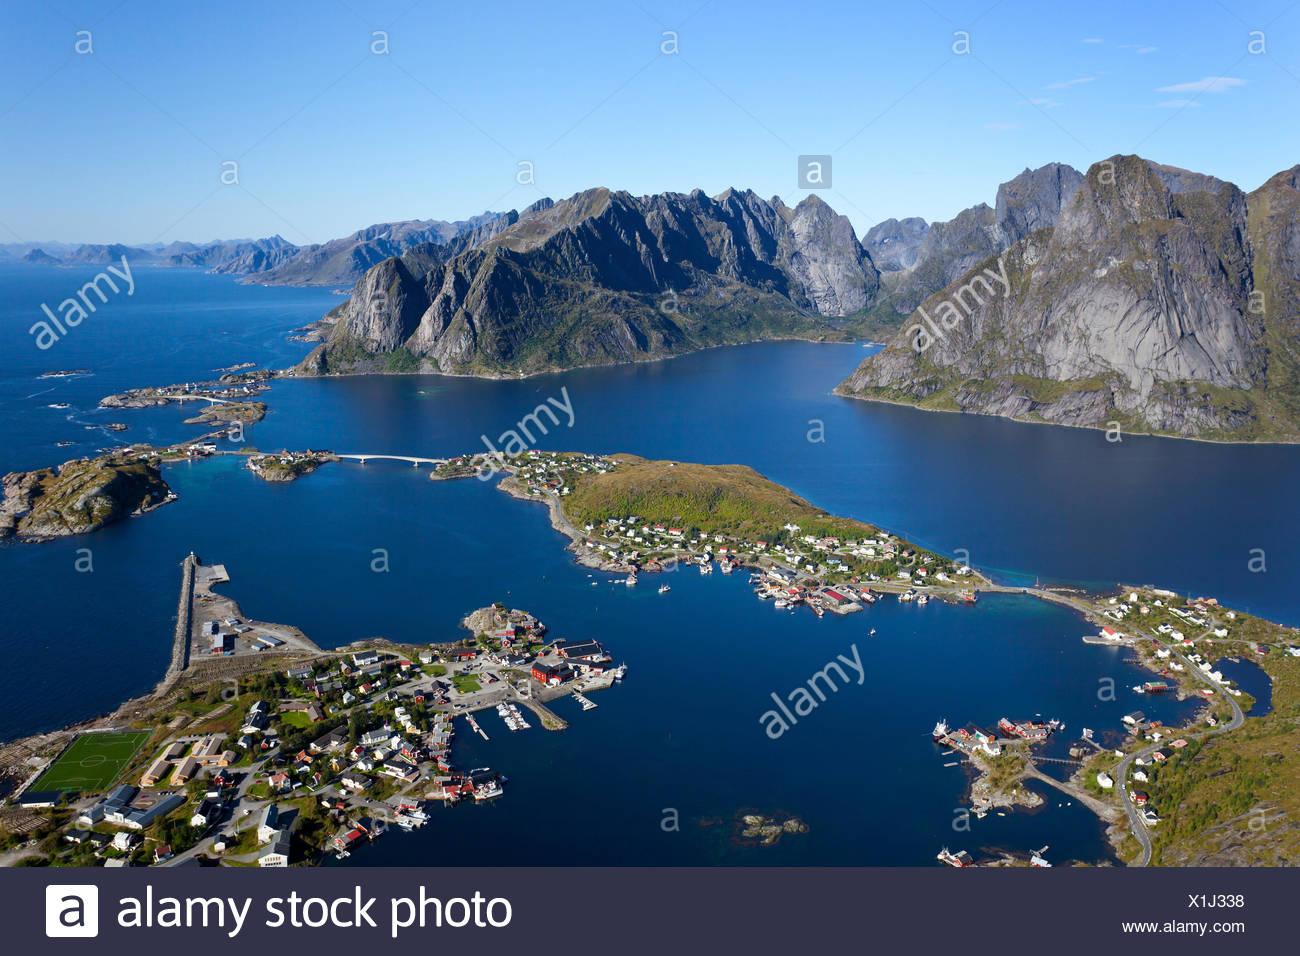 Reinebringen, Aussicht, Blauer Himmel, Reine, Dorf, Fjord, Lofoten, Nordland, Norwegen - Stock Image